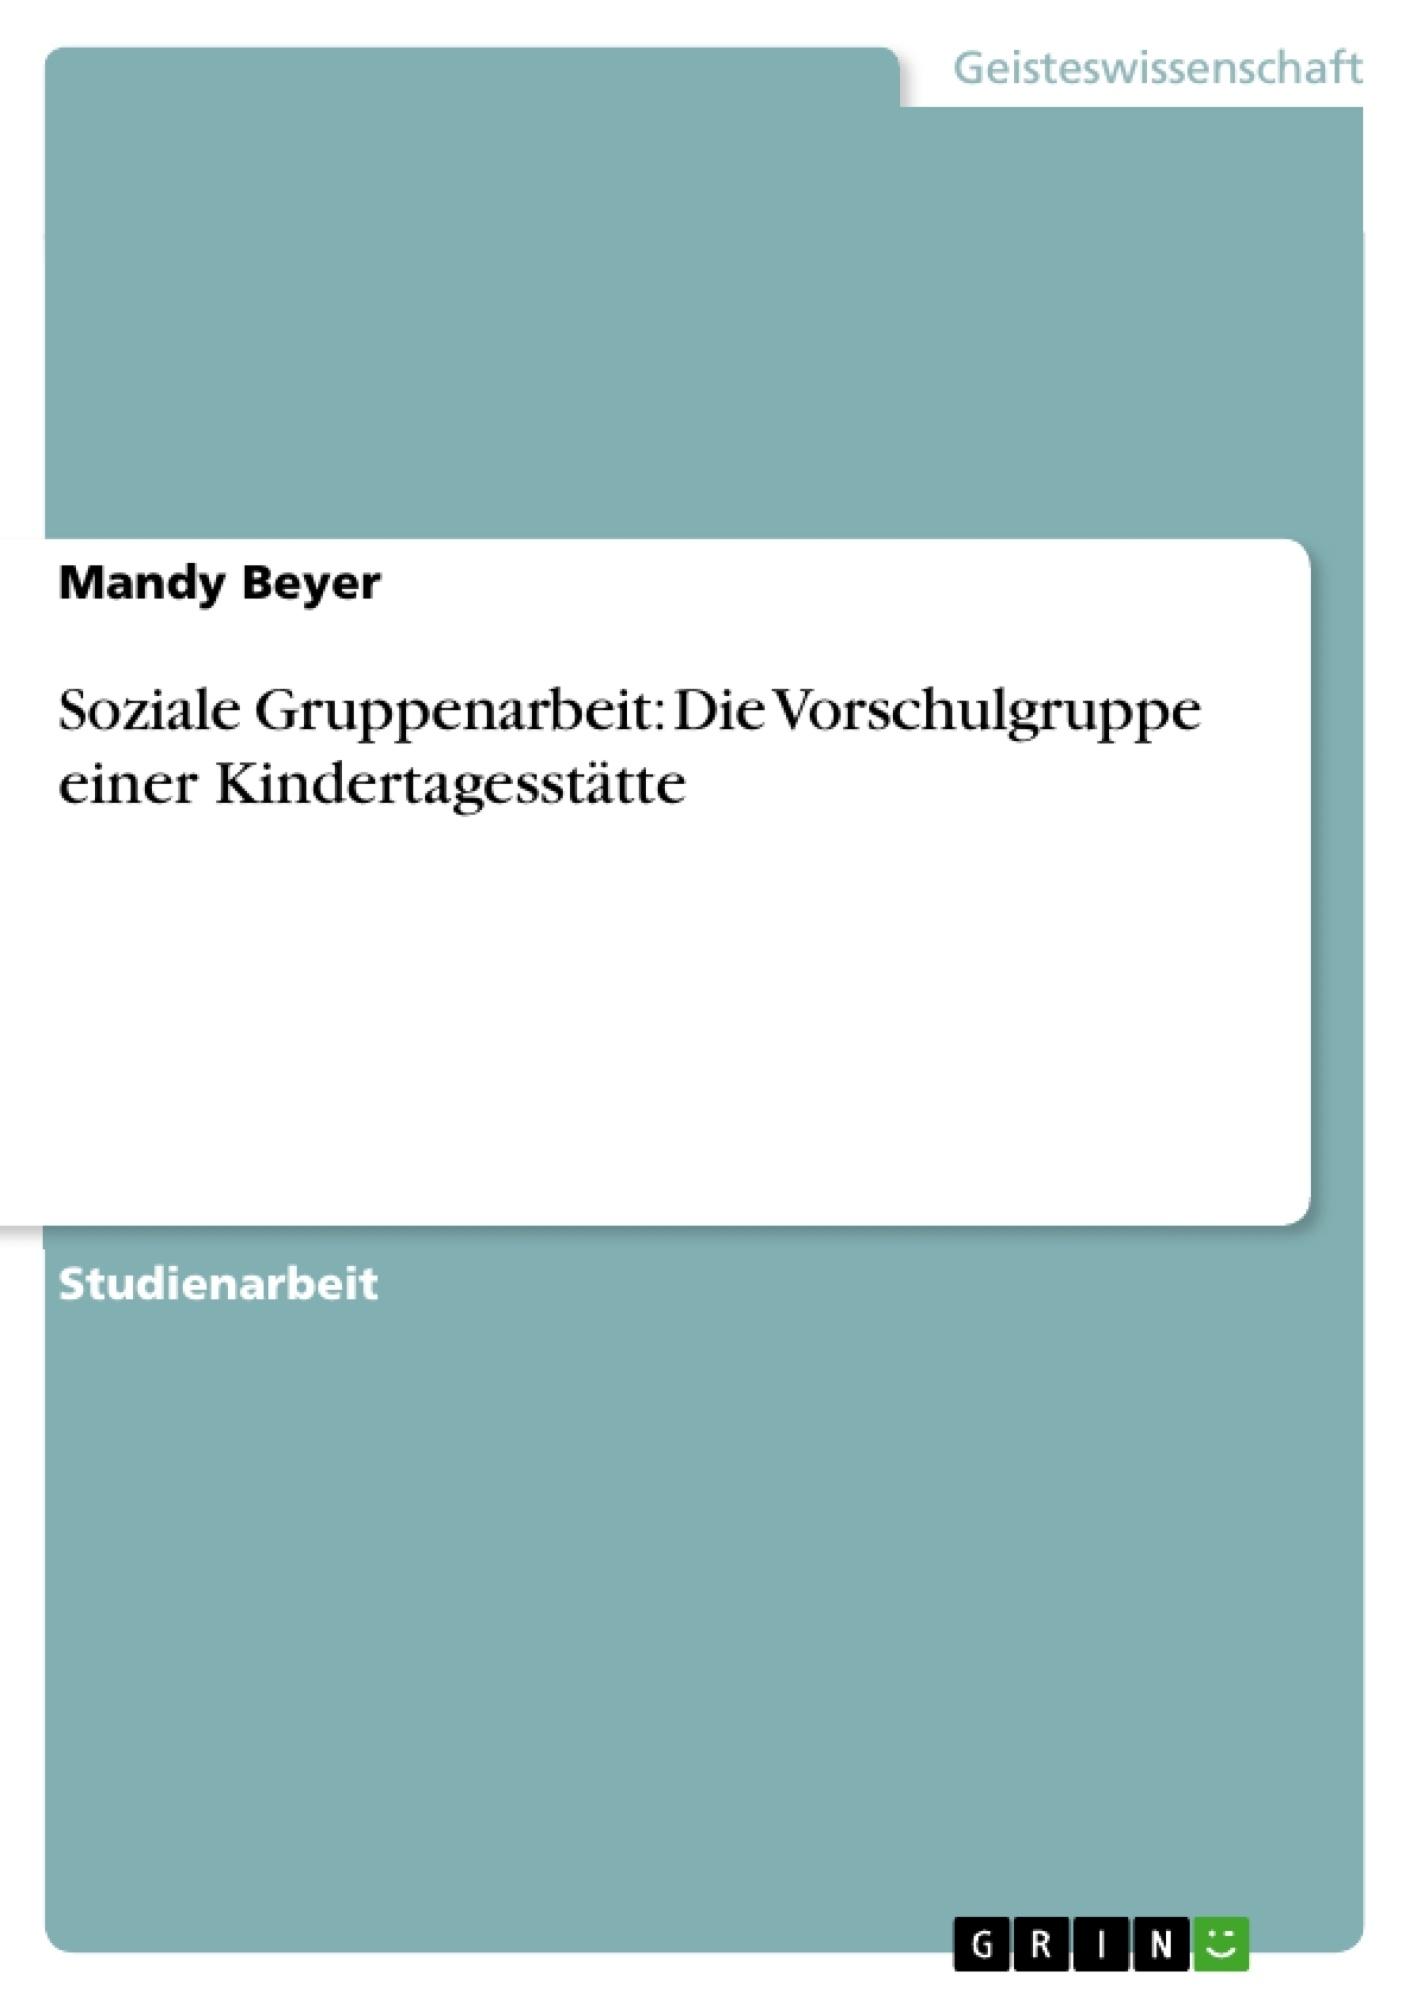 Titel: Soziale Gruppenarbeit: Die Vorschulgruppe einer Kindertagesstätte